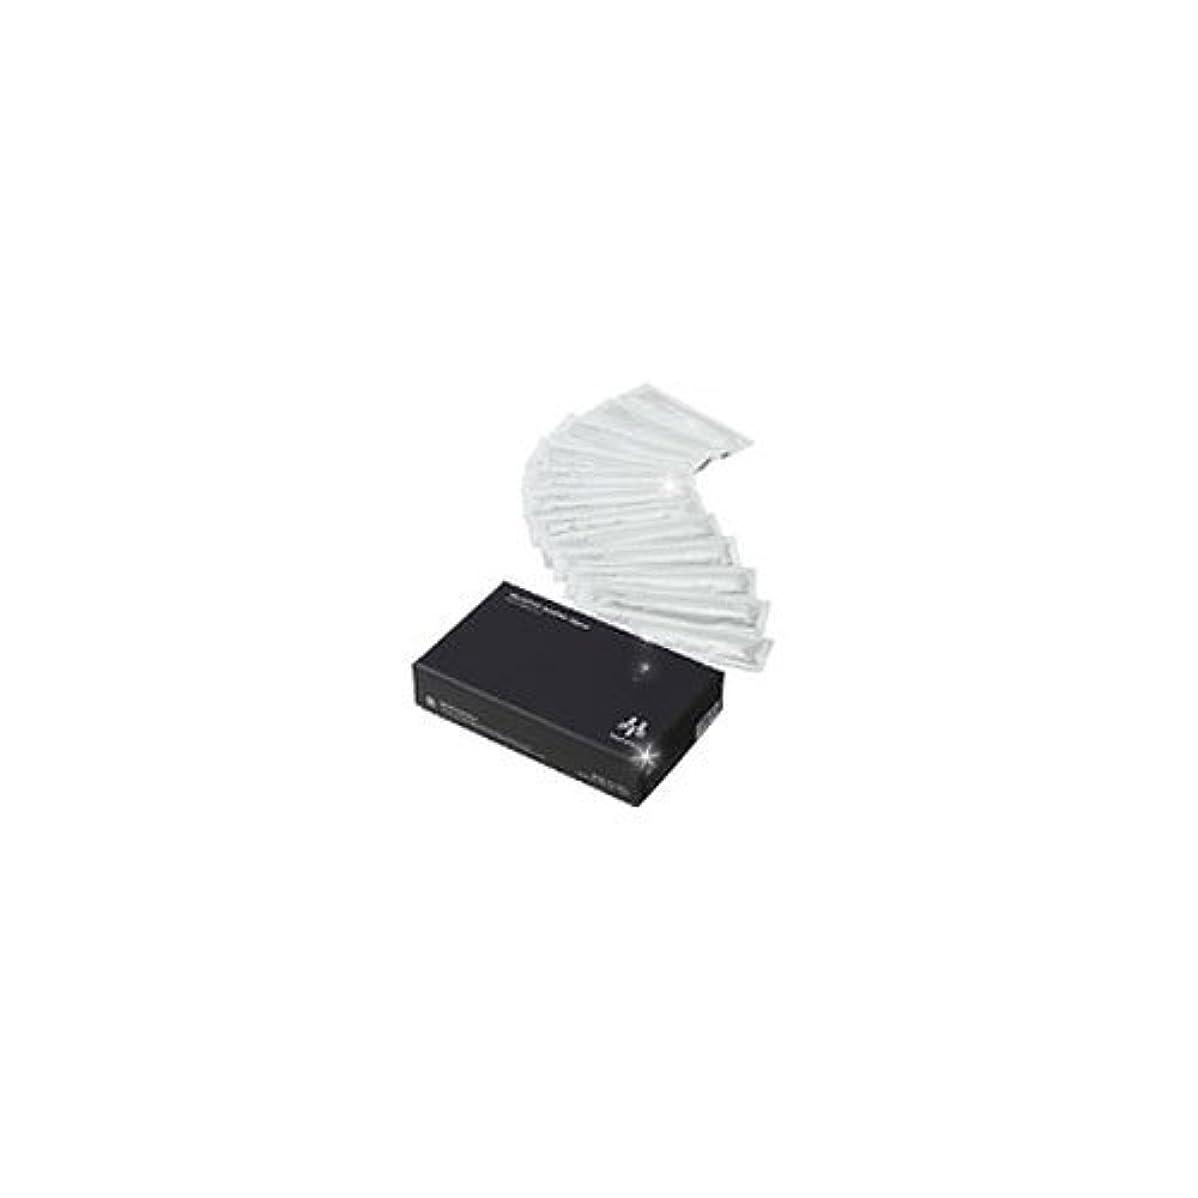 ペンス免疫する満足できるムコタ シェーナ デコール アデューラ アイレ08 (ヘアトリートメント) 10g×12包セット